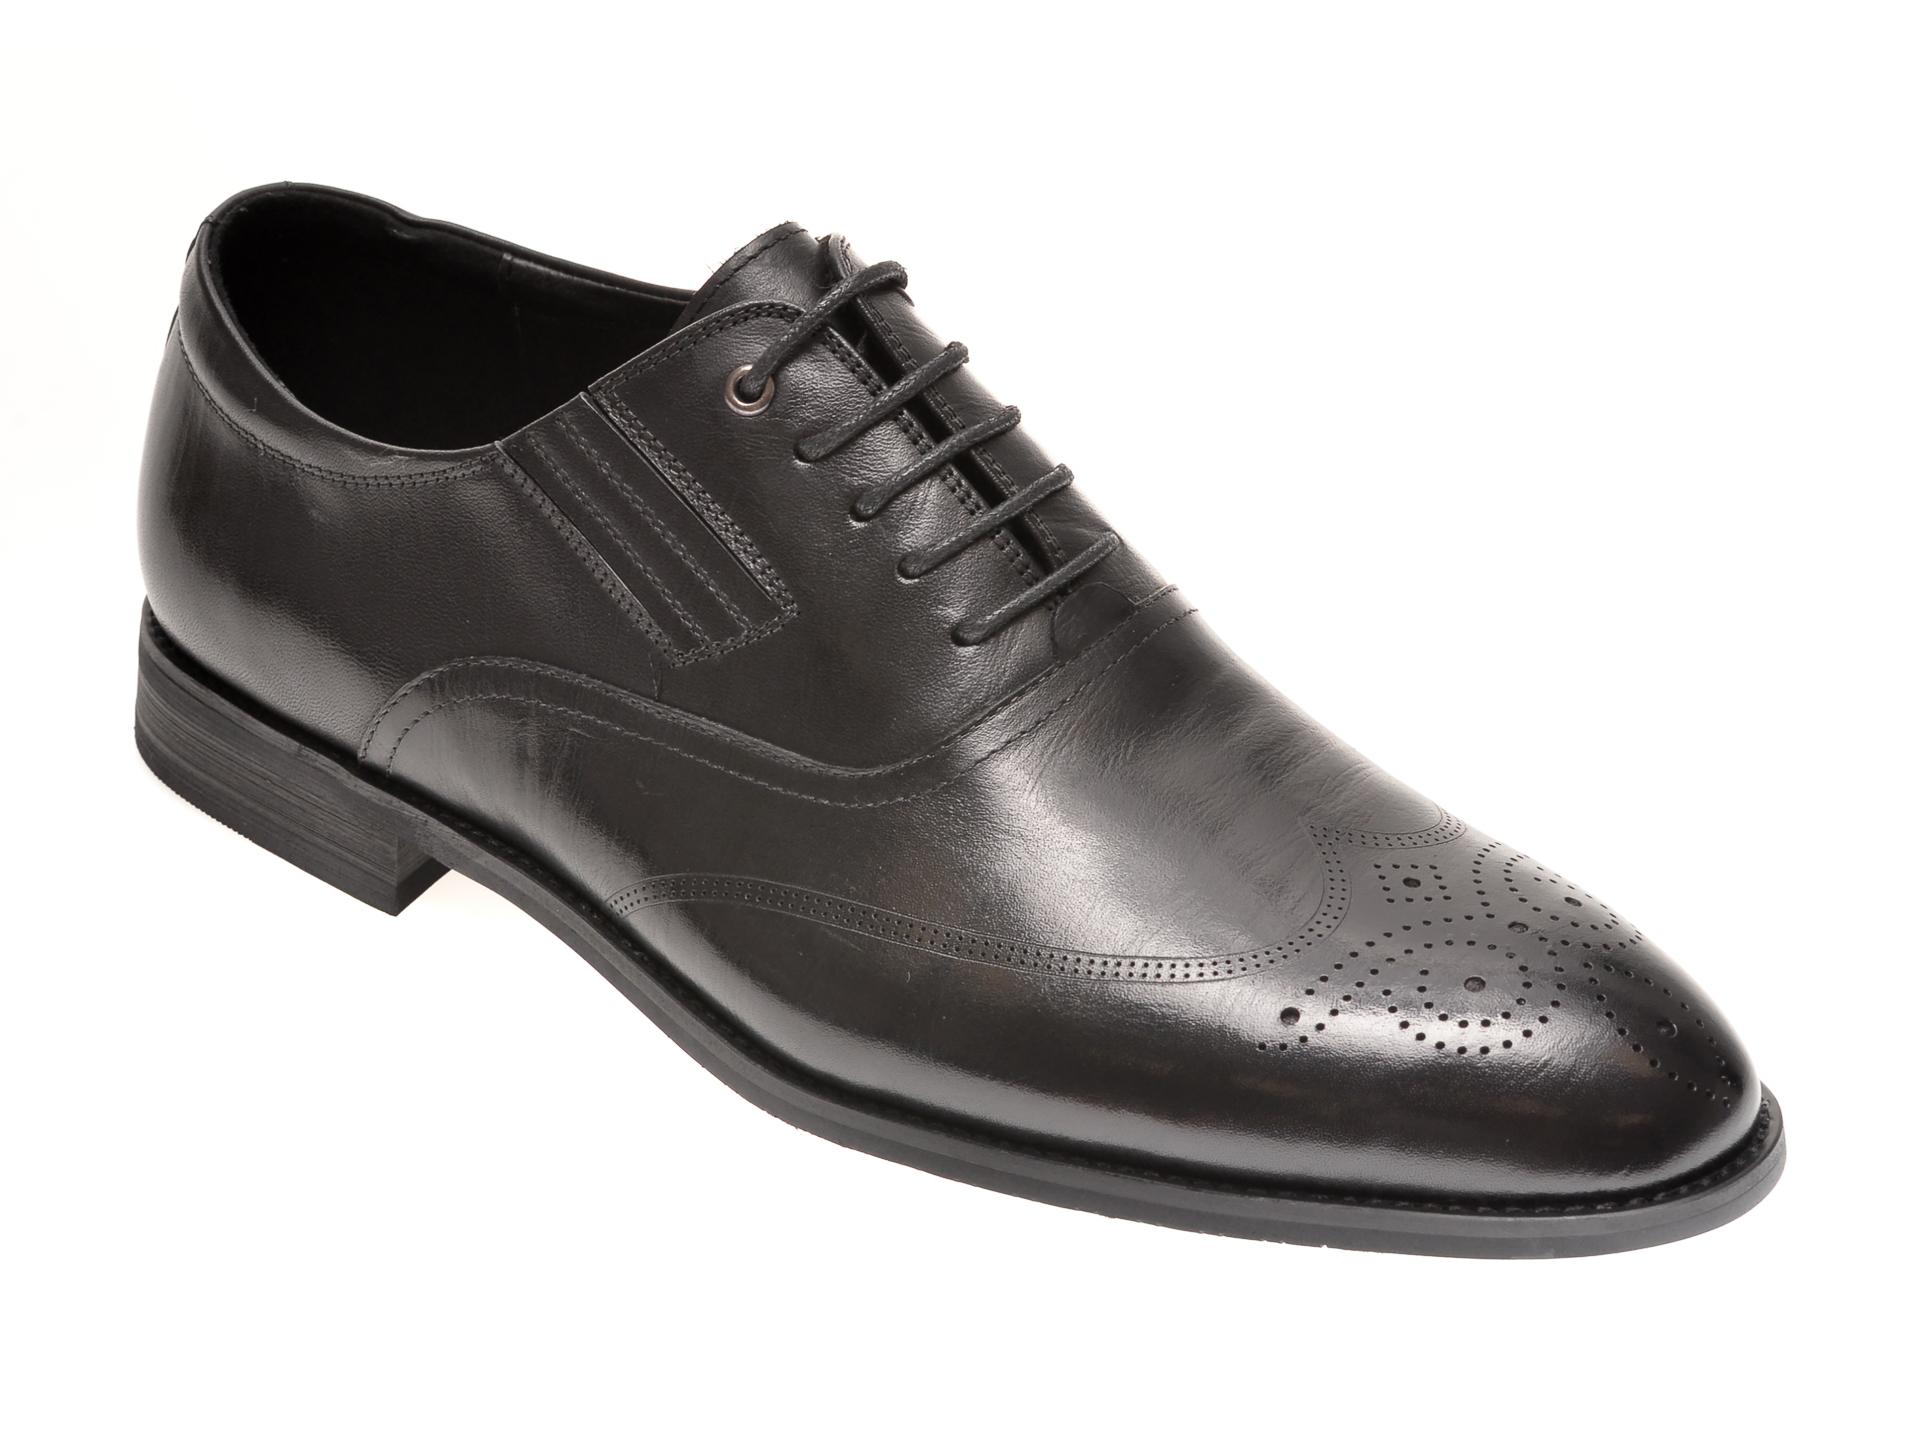 Pantofi OTTER negri, F6063, din piele naturala imagine otter.ro 2021